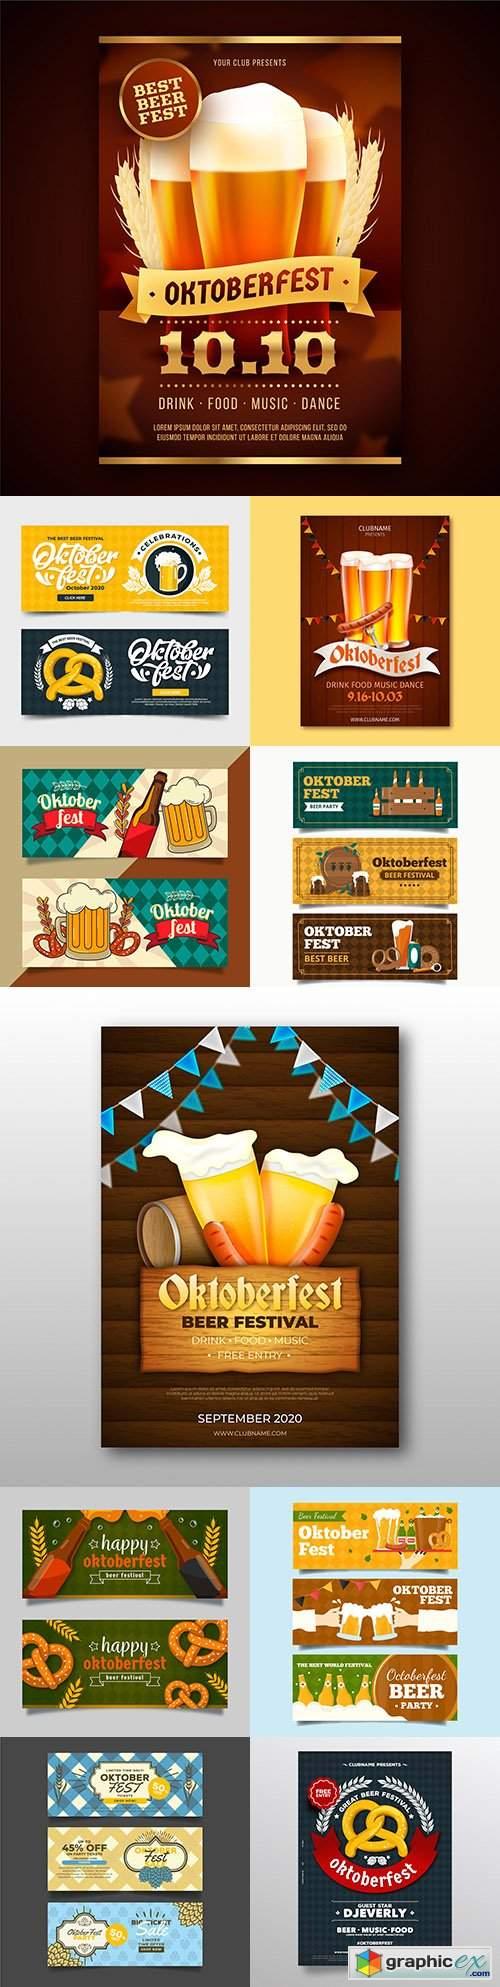 Oktoberfest festival beer party vintage illustration 8